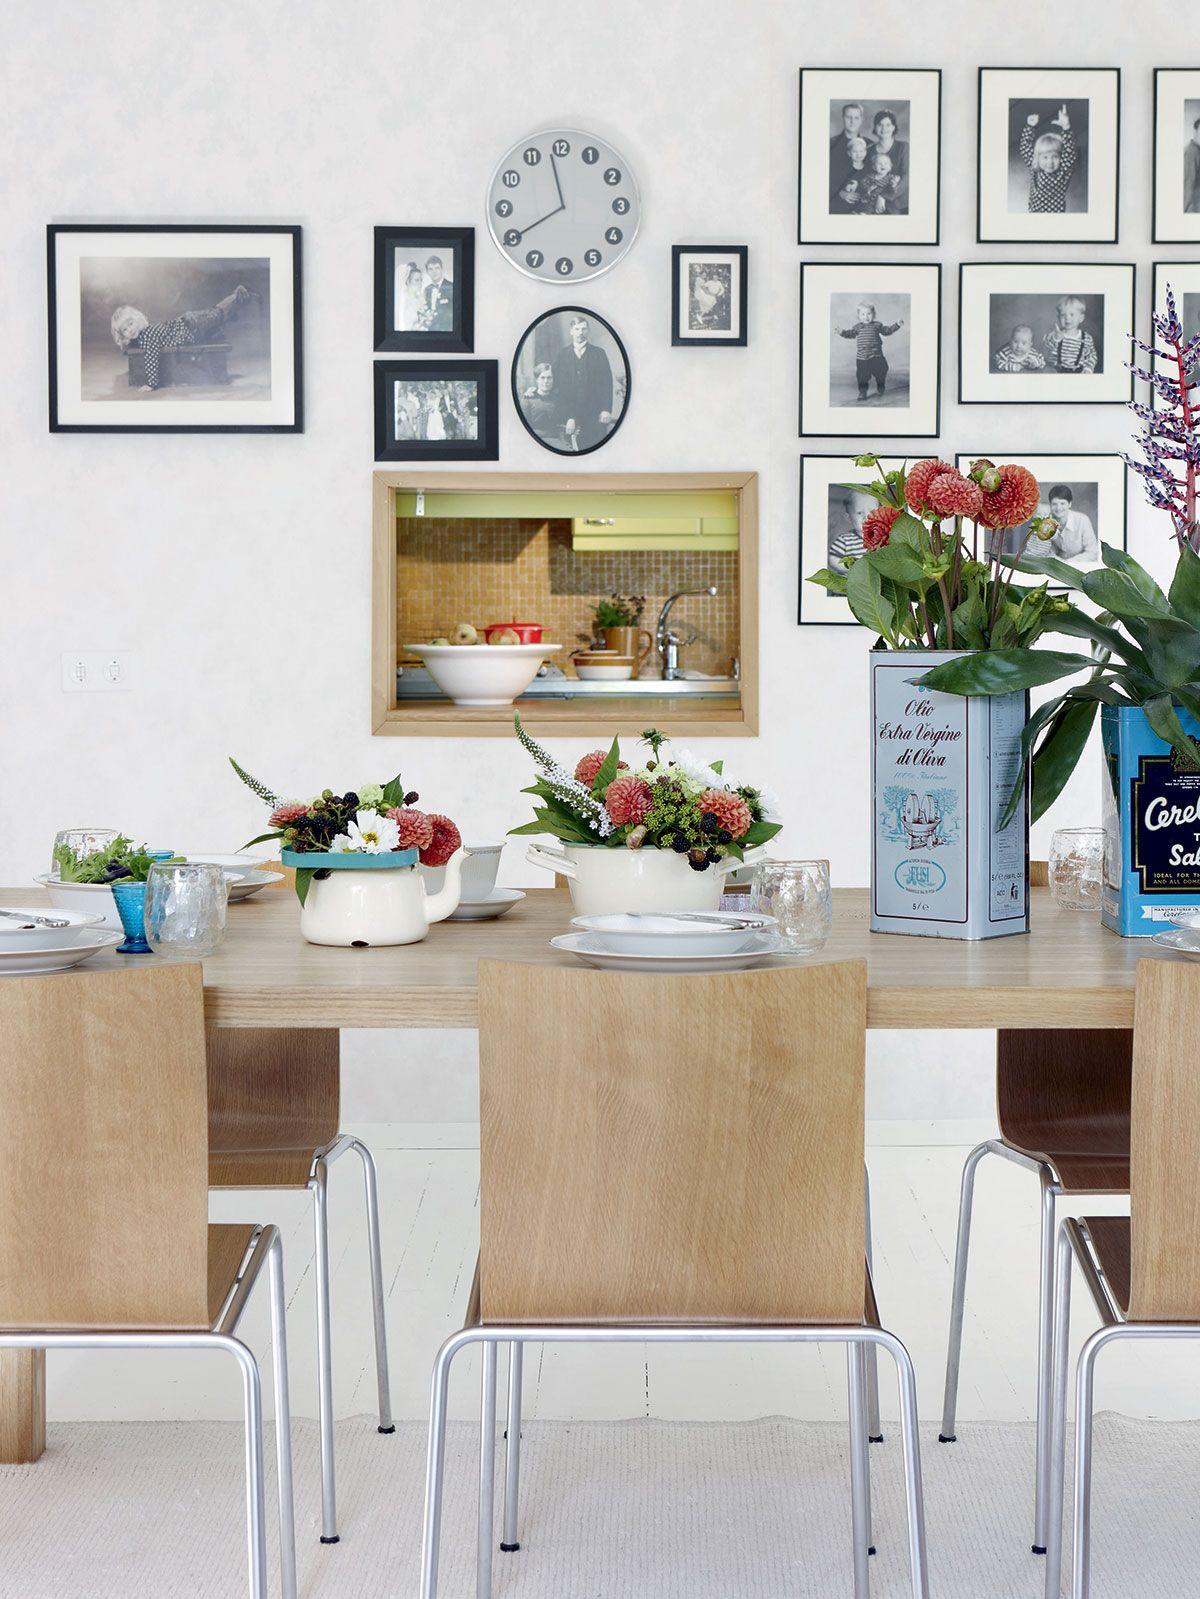 Minnan ja hänen miehensä yhdessä suunnittelema ruokapöytä on teetetty puusepällä, tuolit ovat tanskalaisen suunnittelijan. Minnan mielestä kattaus ei ole mitään ilman kauniita kukka-asetelmia. Persoonallisuutta ja vaihtelevuutta saa erilaisilla maljakoilla, kuten kirpputoreilta löytyneillä peltipurkeilla ja mummon vanhoilla posliiniastioilla.